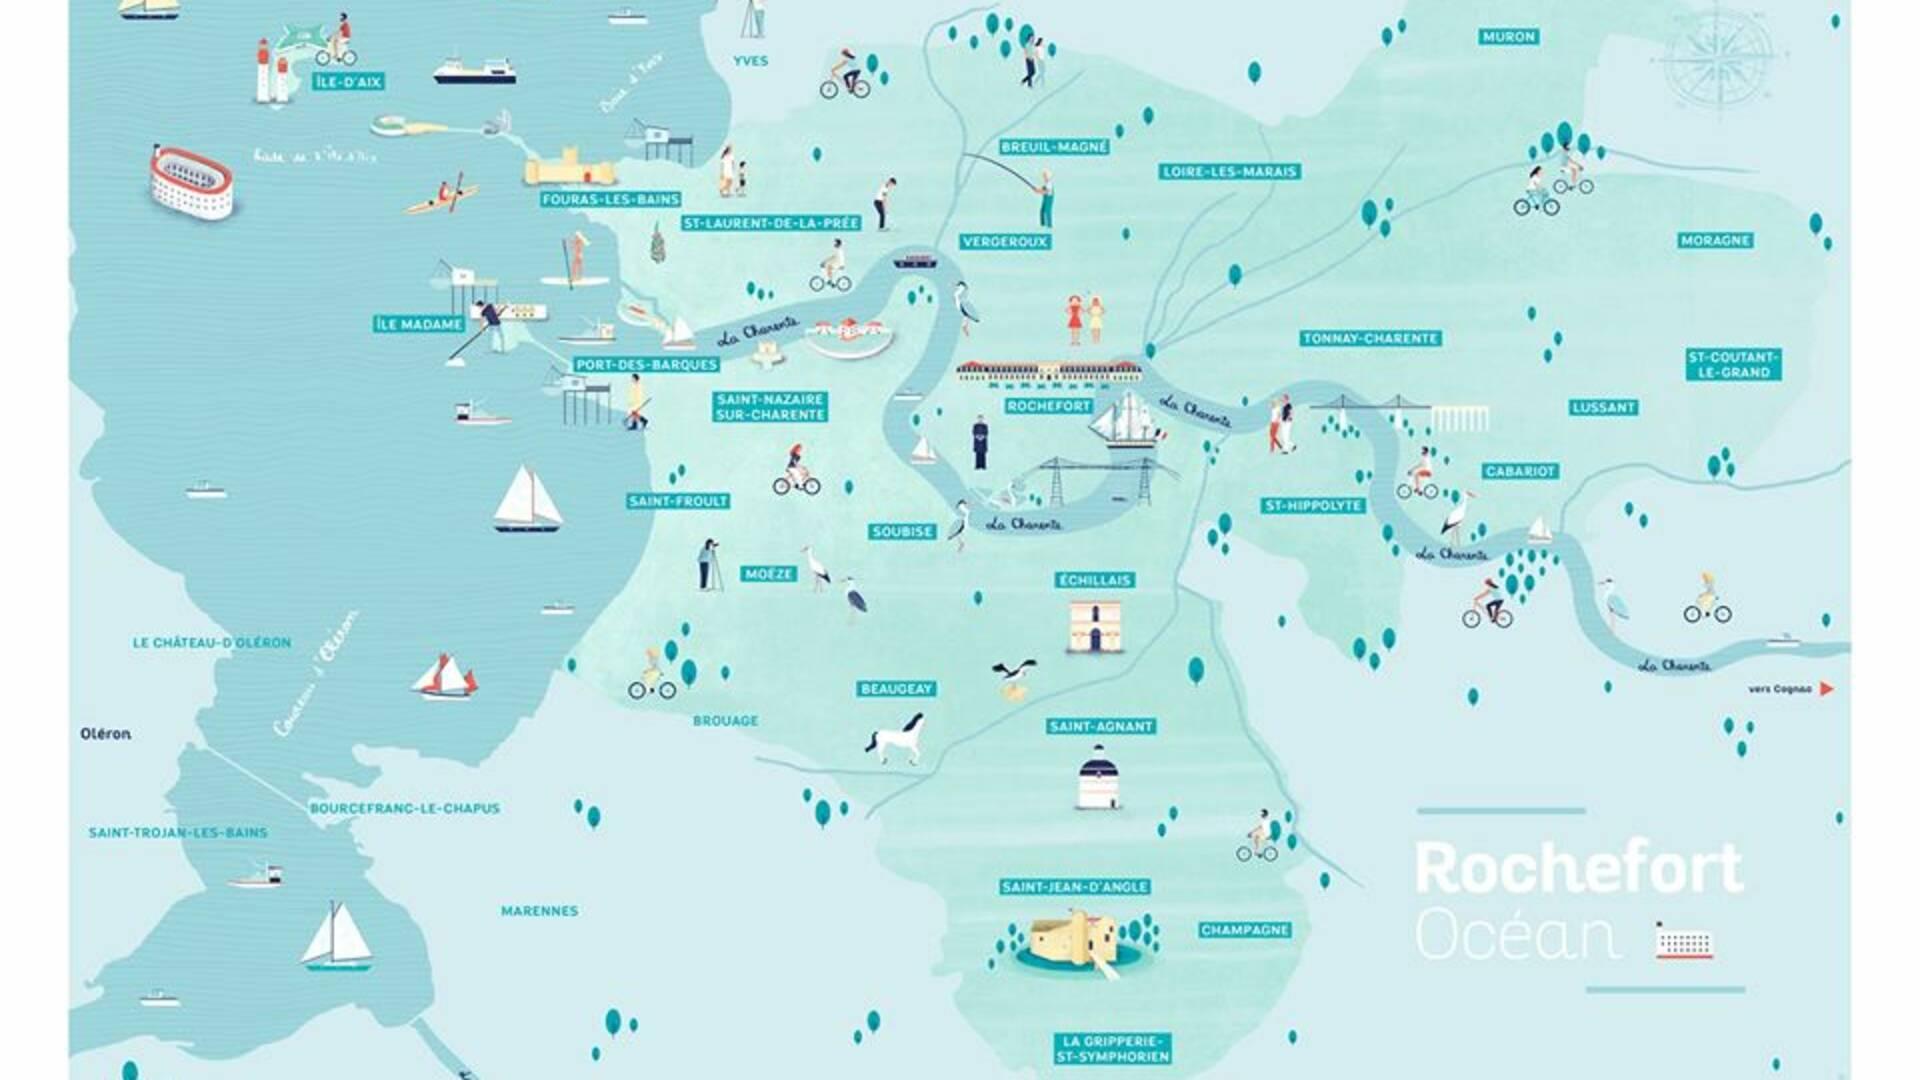 carte illustrée de rochefort océan